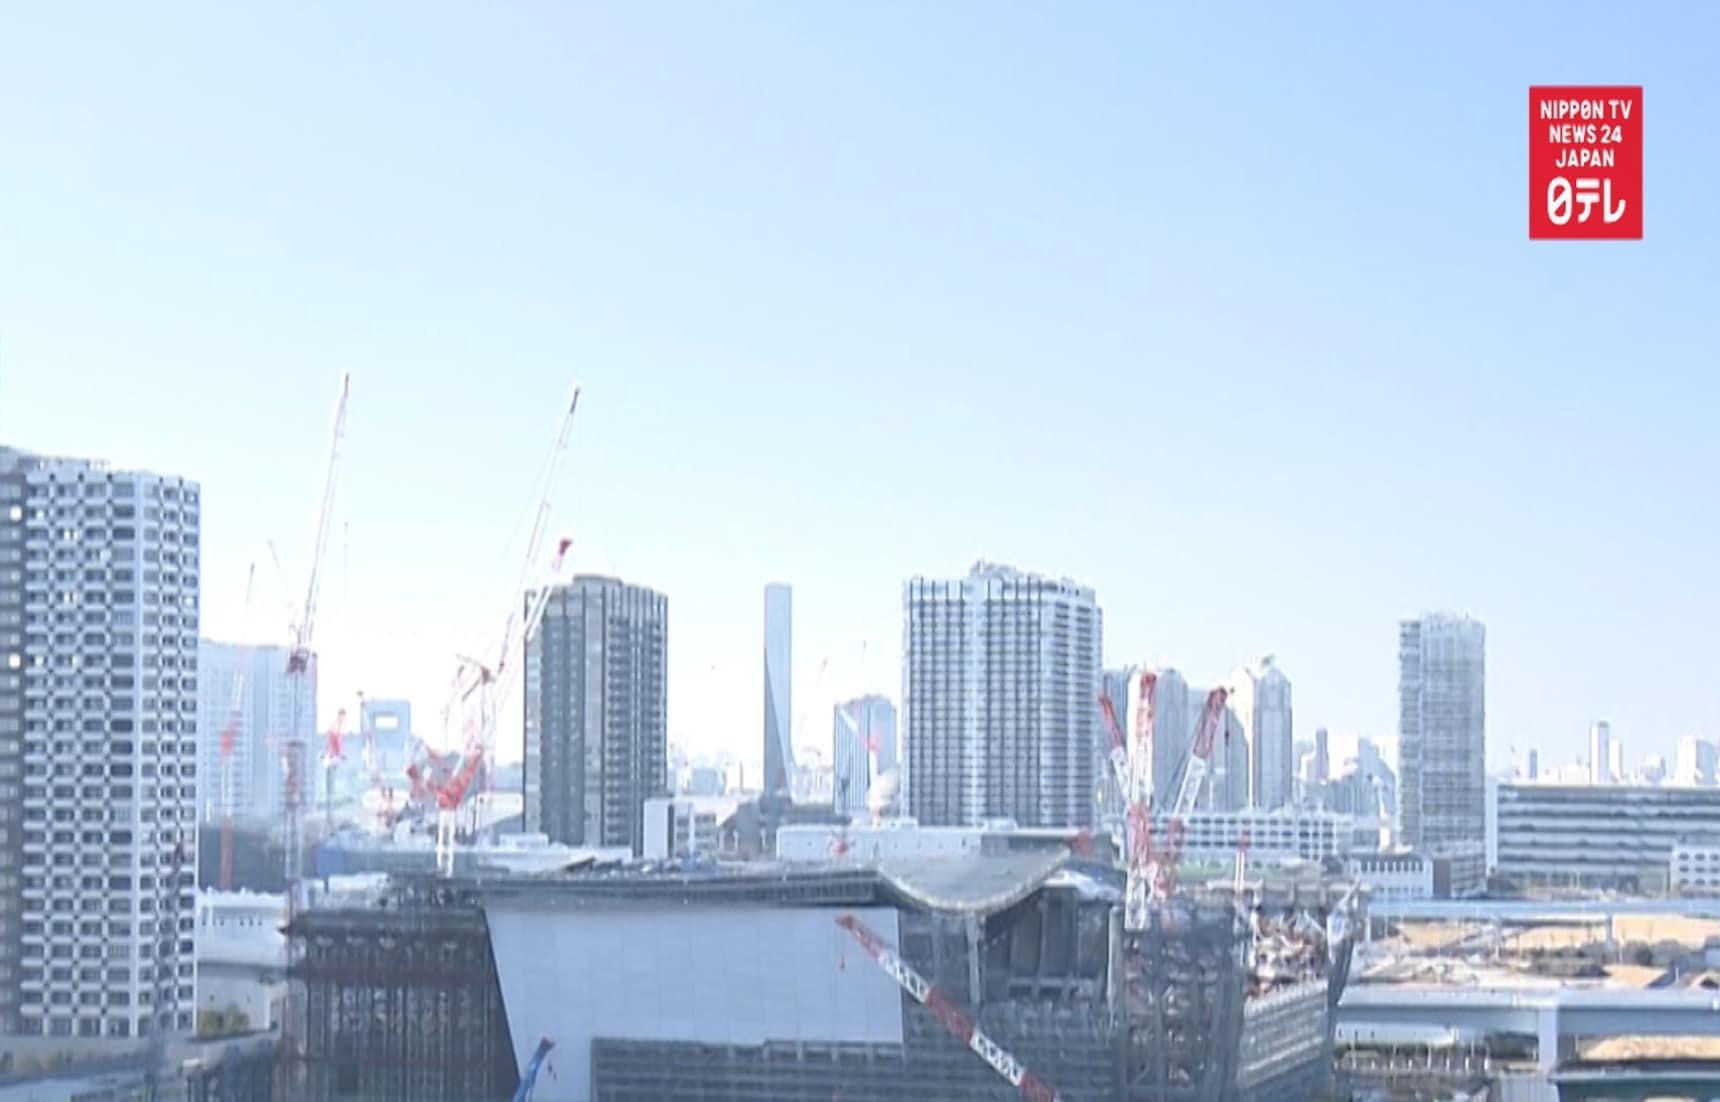 TIME-LAPSE: Tokyo Olympics Ariake Arena